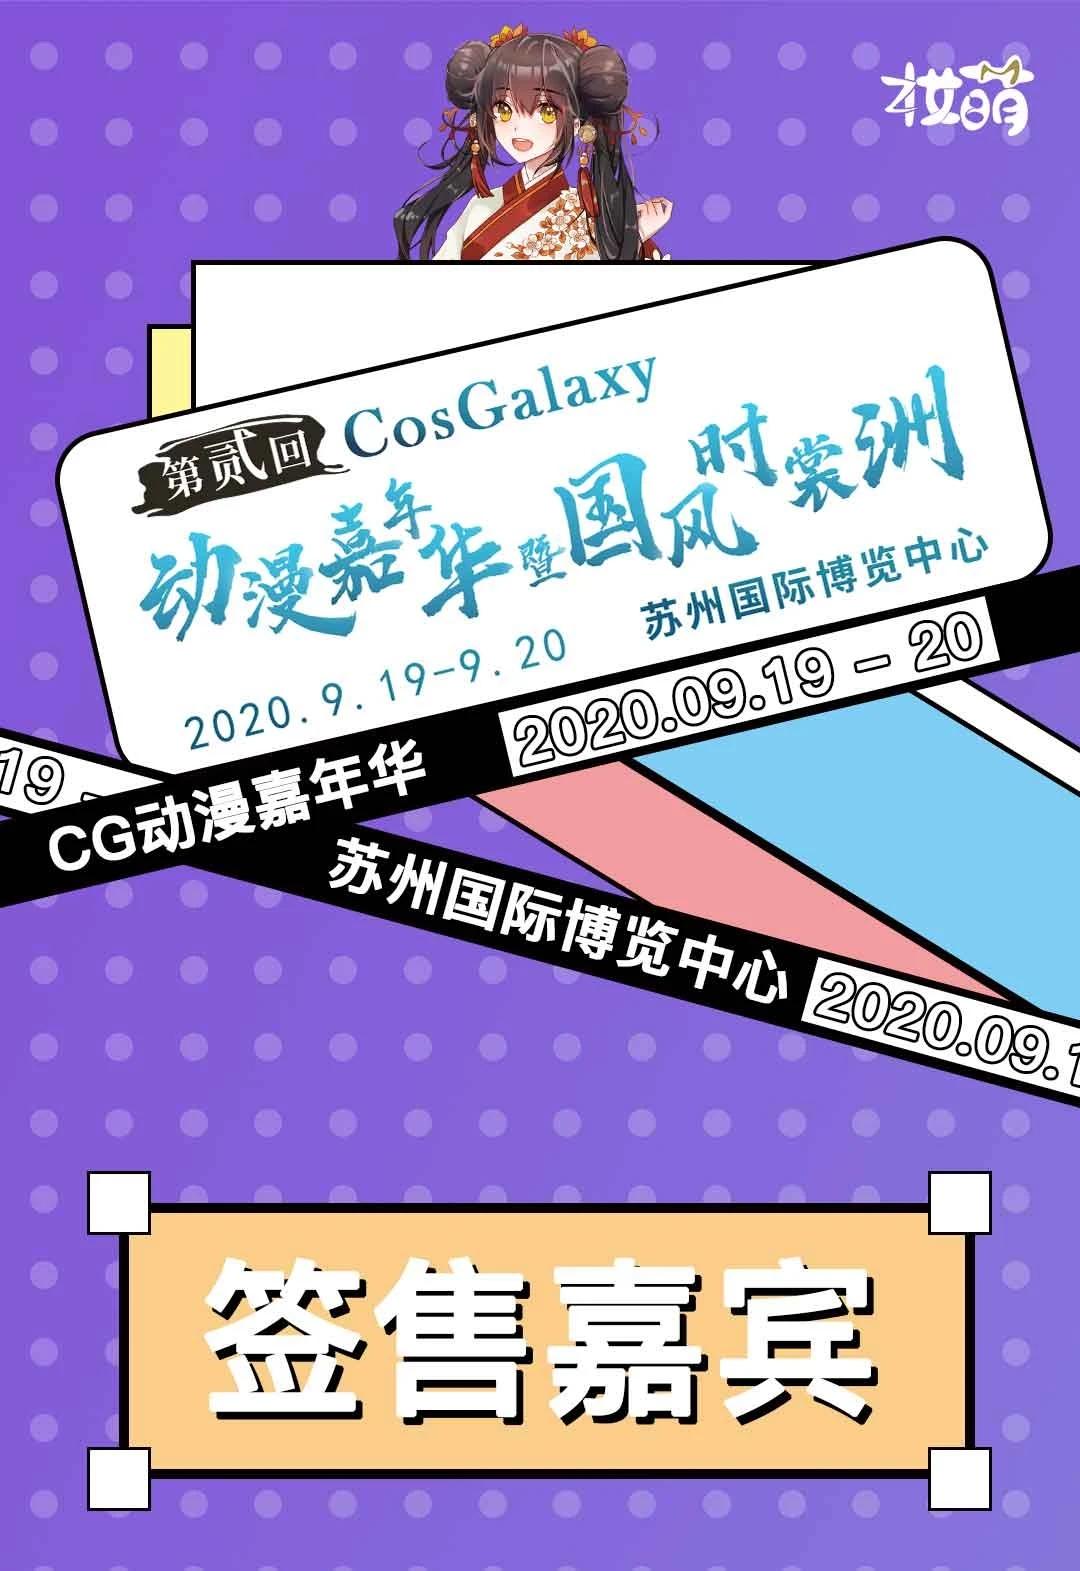 苏州漫展|苏州CG国风动漫展9.19-9.20人气绘嘉宾